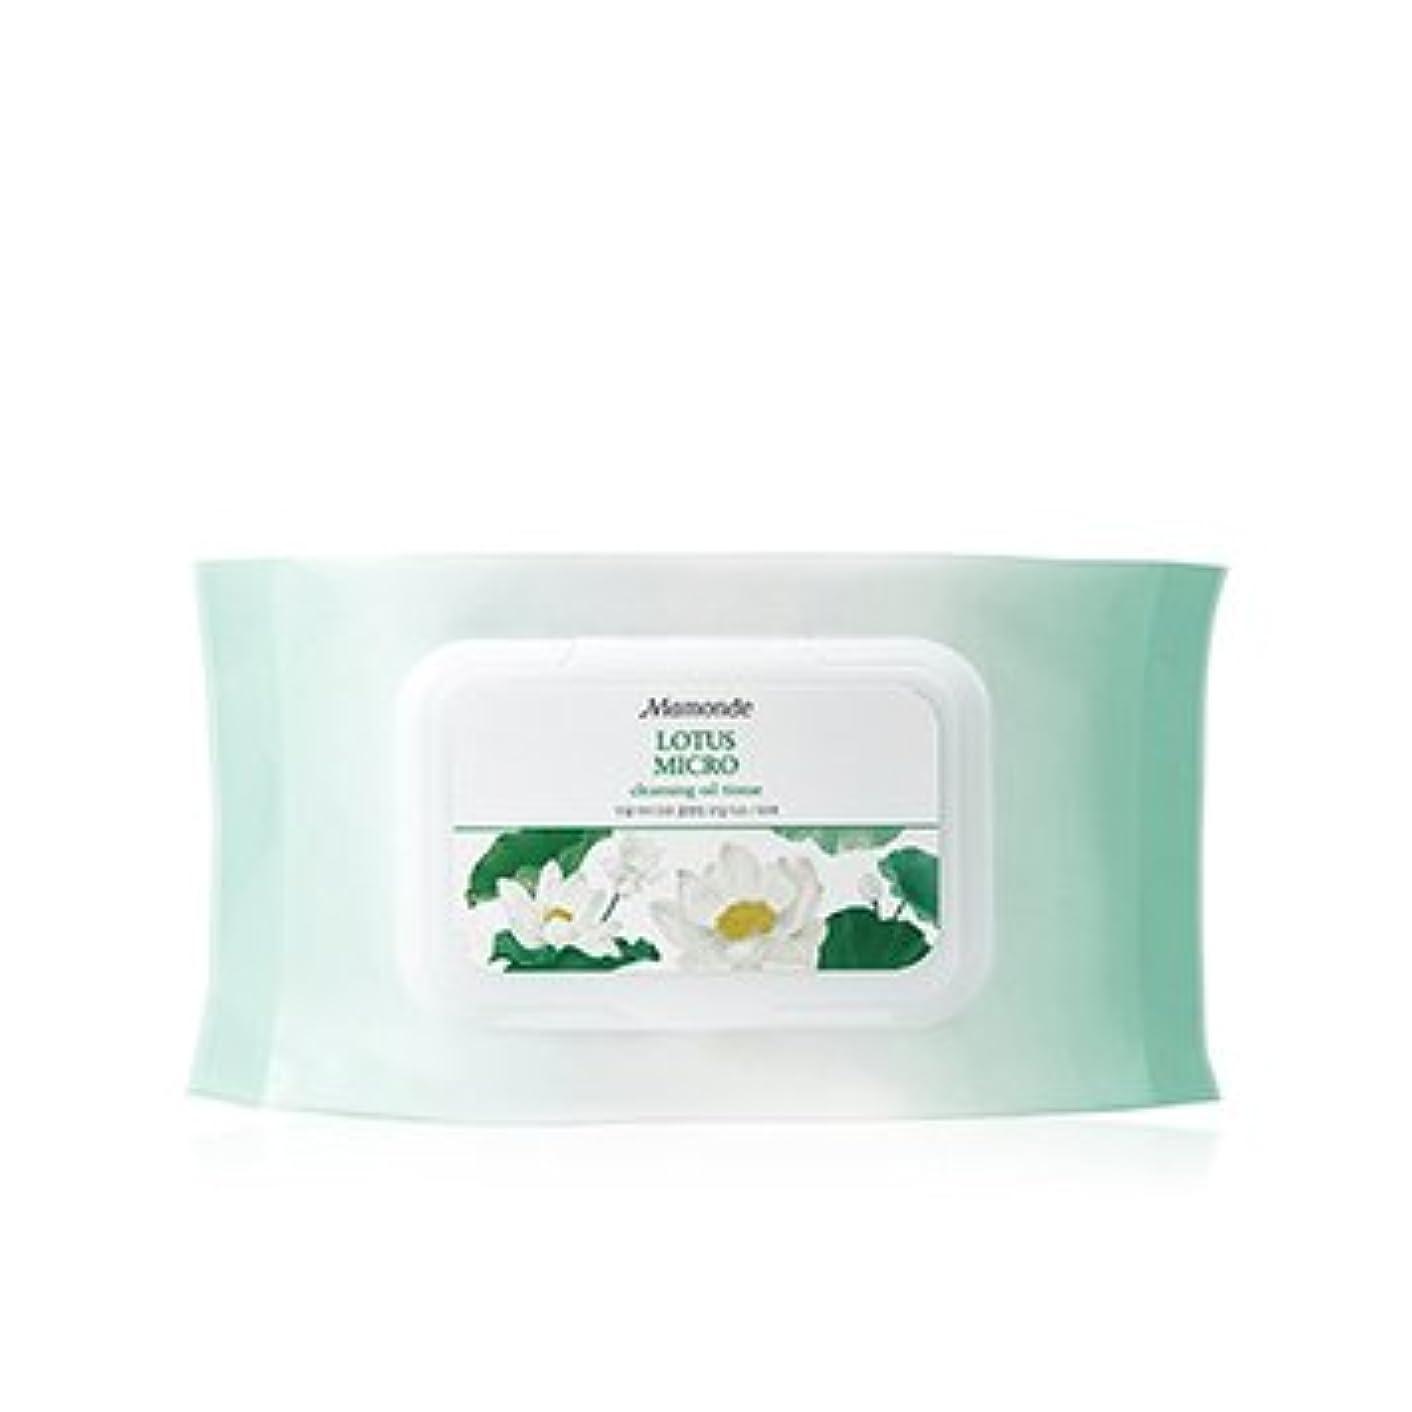 会話型ジェスチャーラグMamonde Lotus Micro Cleansing Oil Tissue 50Sheets/マモンド 蓮 マイクロ クレンジング オイル ティッシュ 50枚入り [並行輸入品]